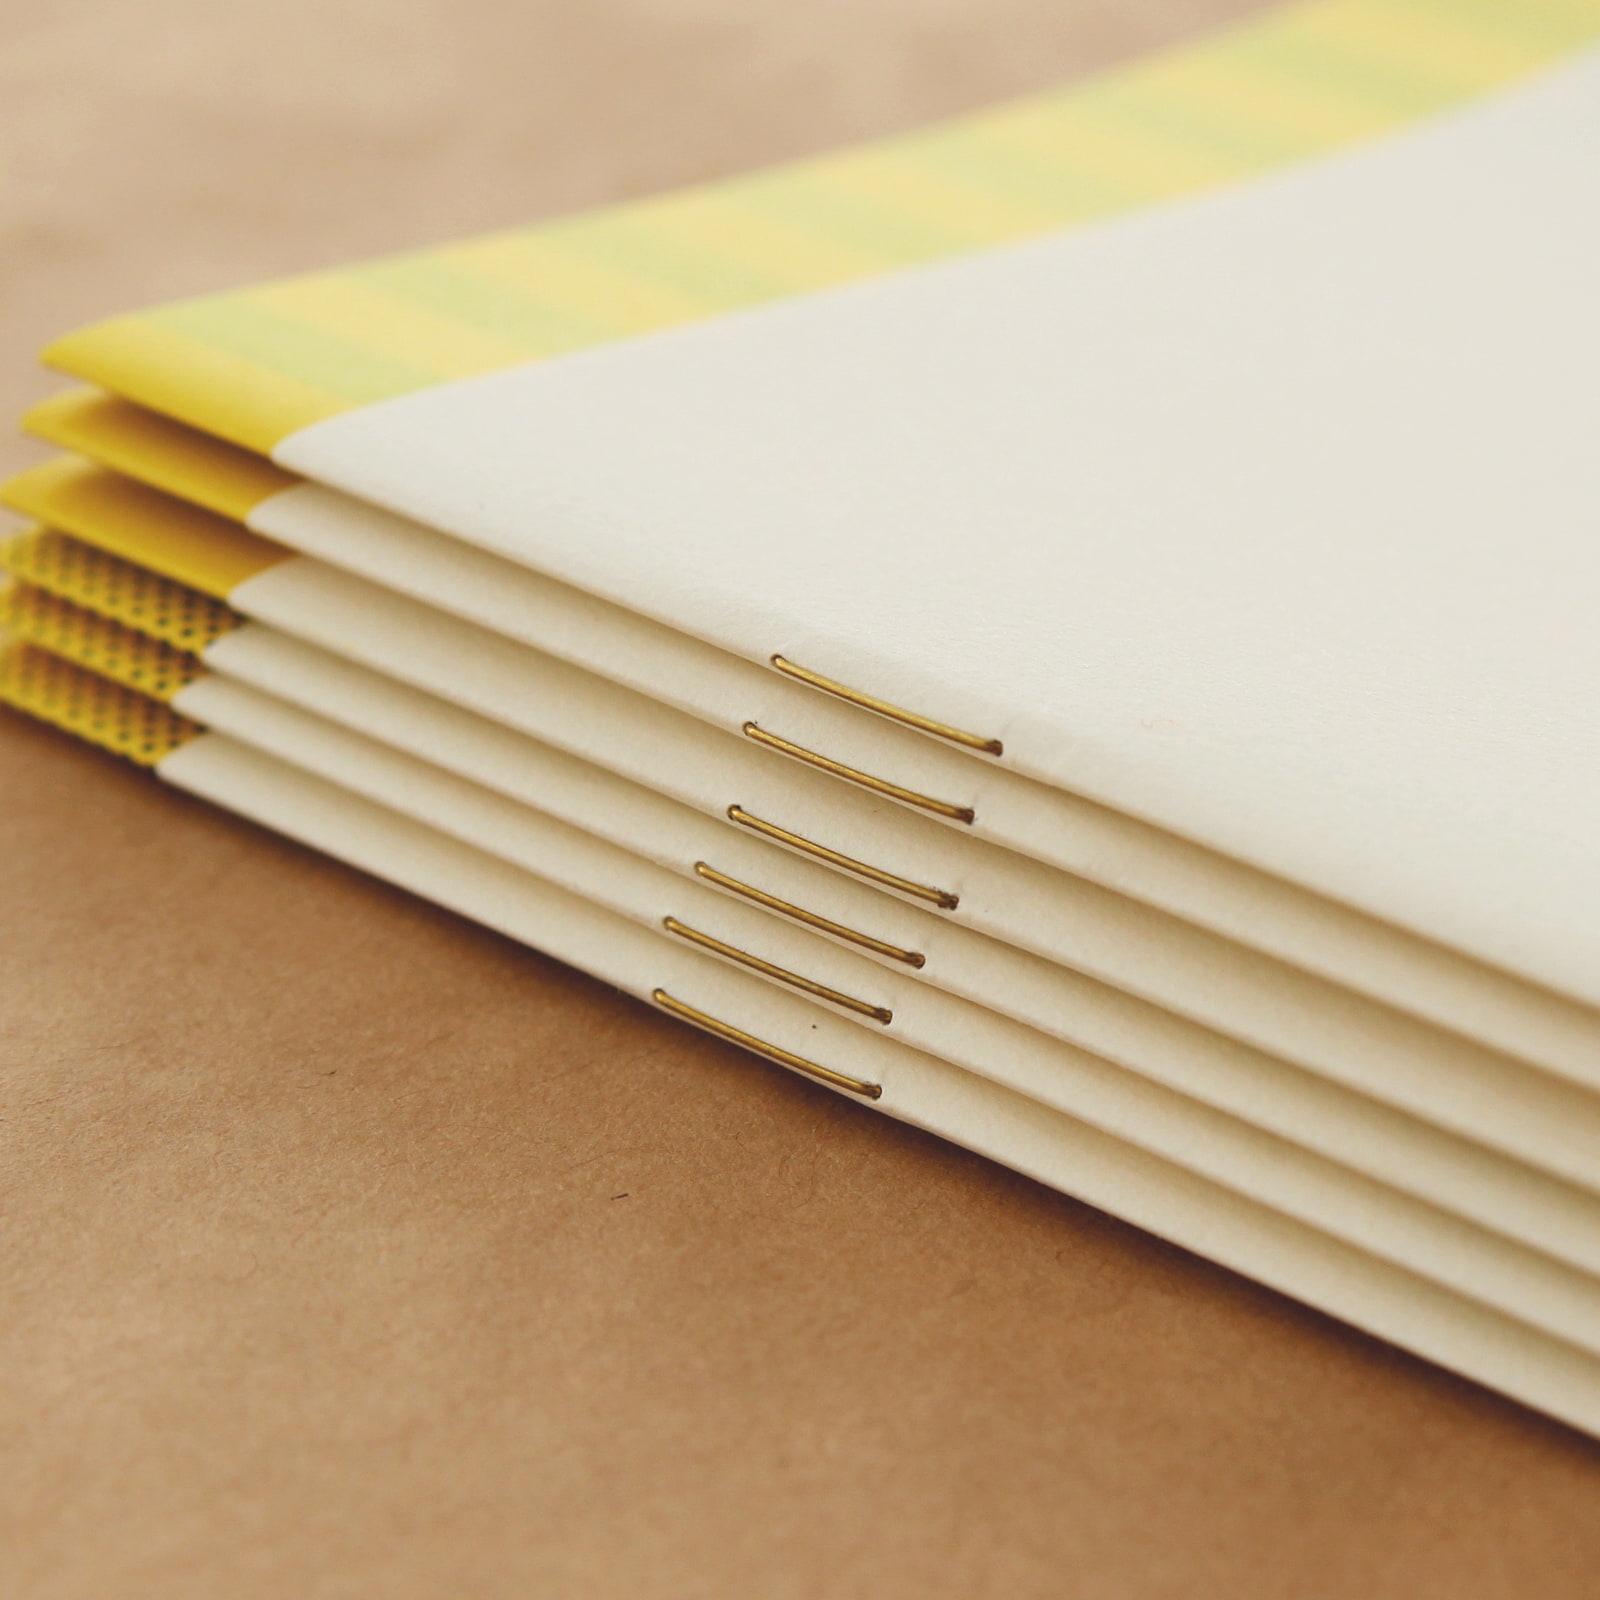 表紙を変形にしてデザイン性を楽しむ2